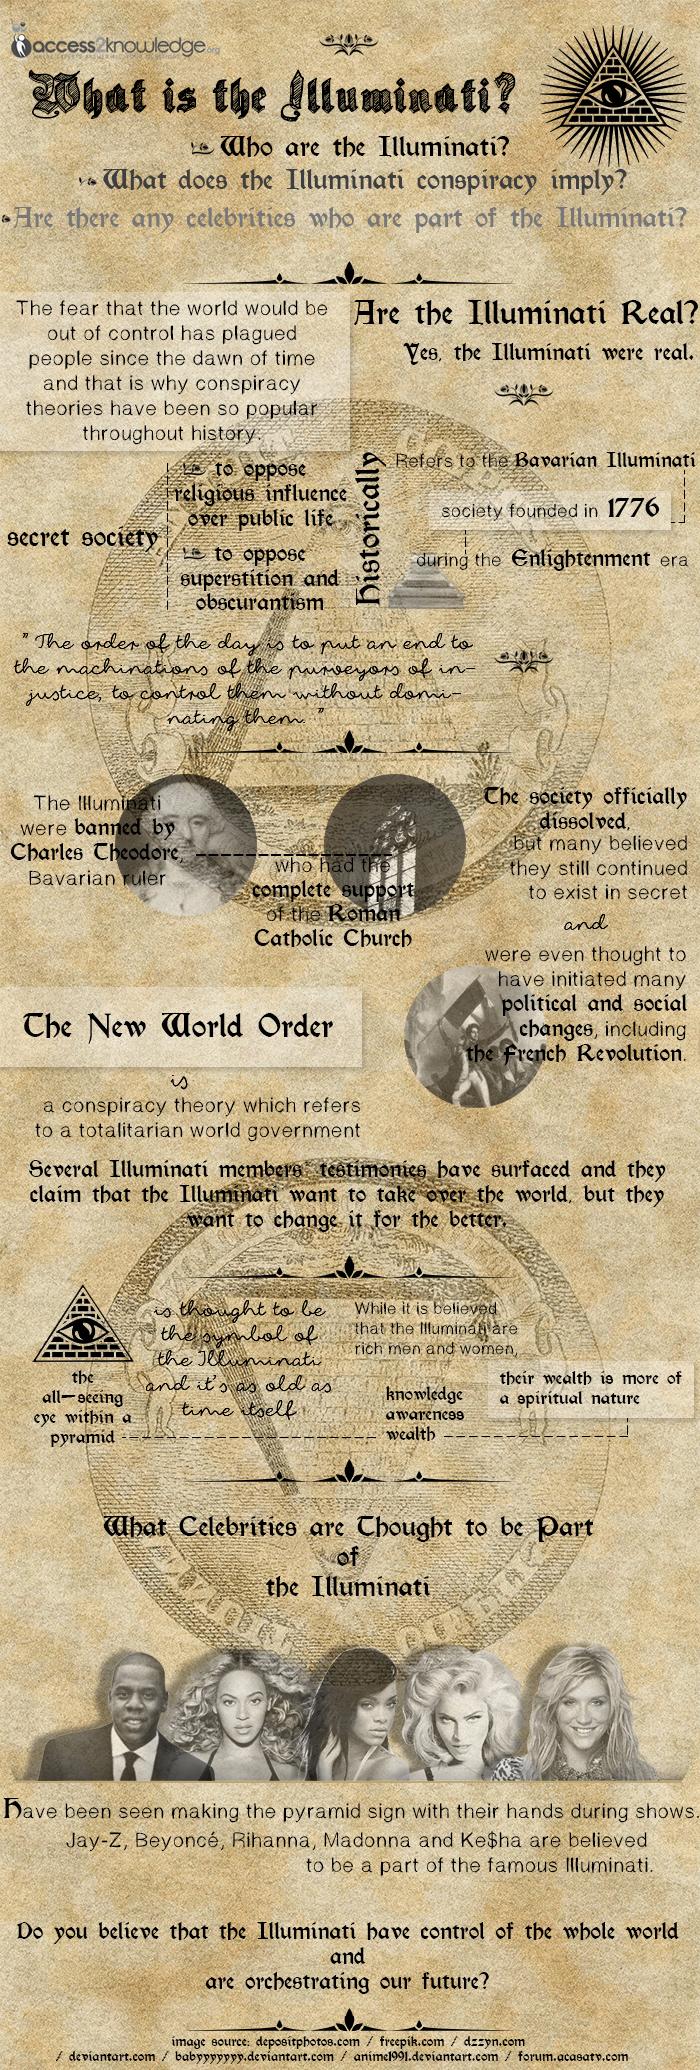 What is the Illuminati